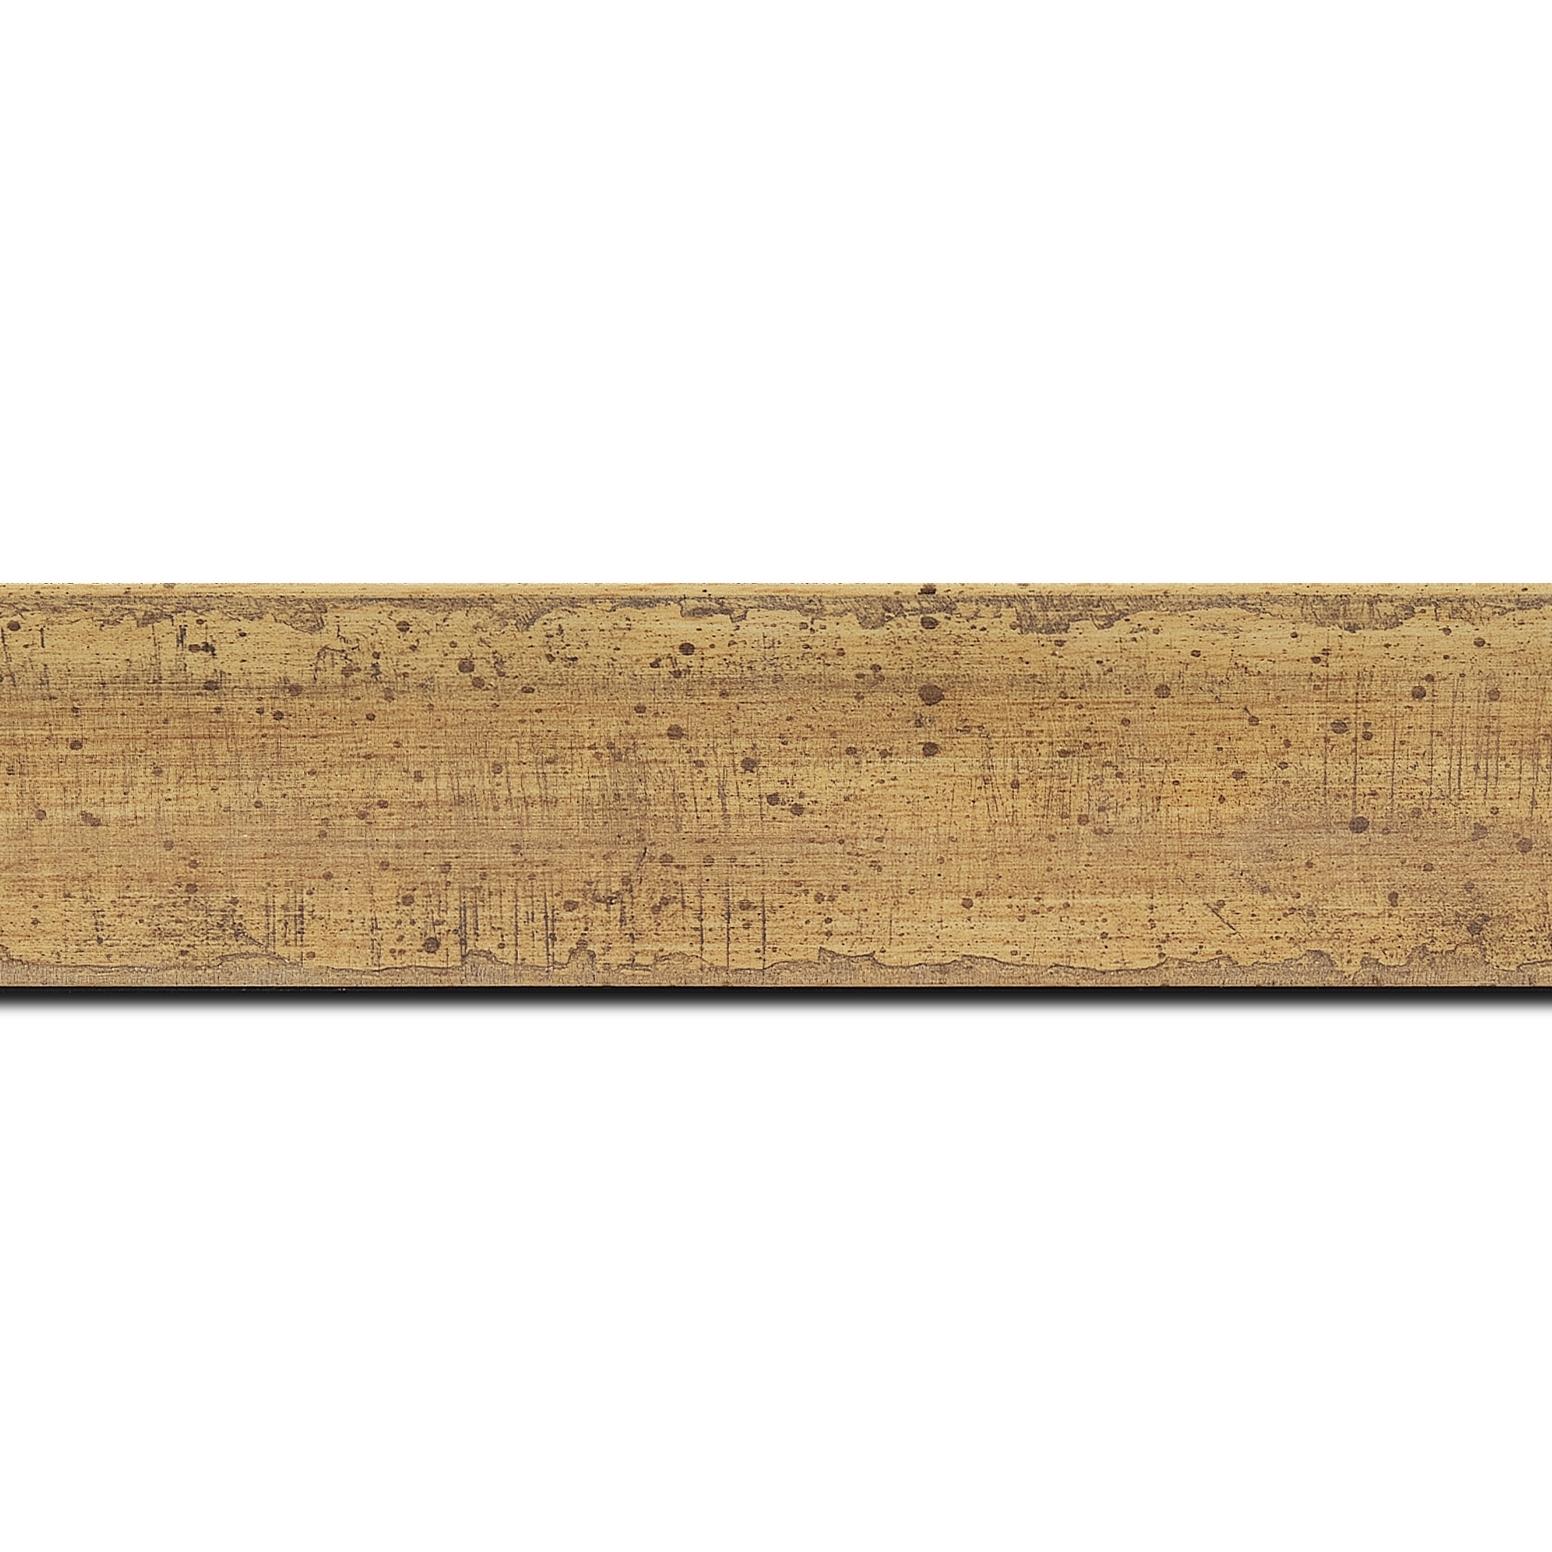 Baguette longueur 1.40m bois profil incurvé largeur 4.1cm couleur marron tres clair  effet plaquage